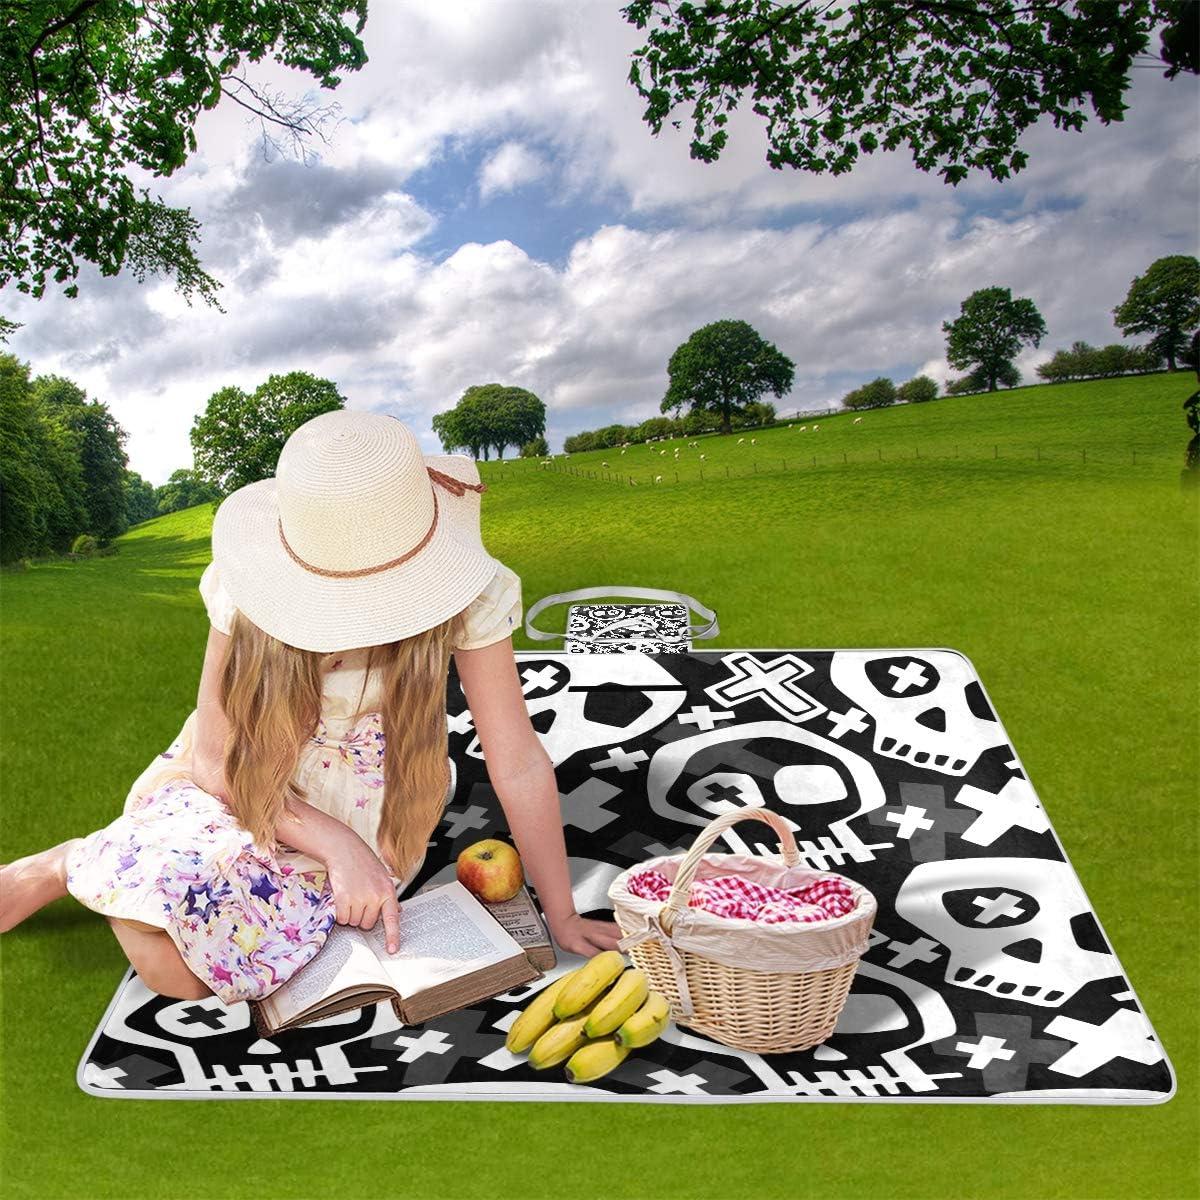 XINGAKA Couverture de Pique-Nique,Crâne Funky Seamless Grunge Rough Pattern,Tapis Idéale pour Plage Jardin Parc Camping 9